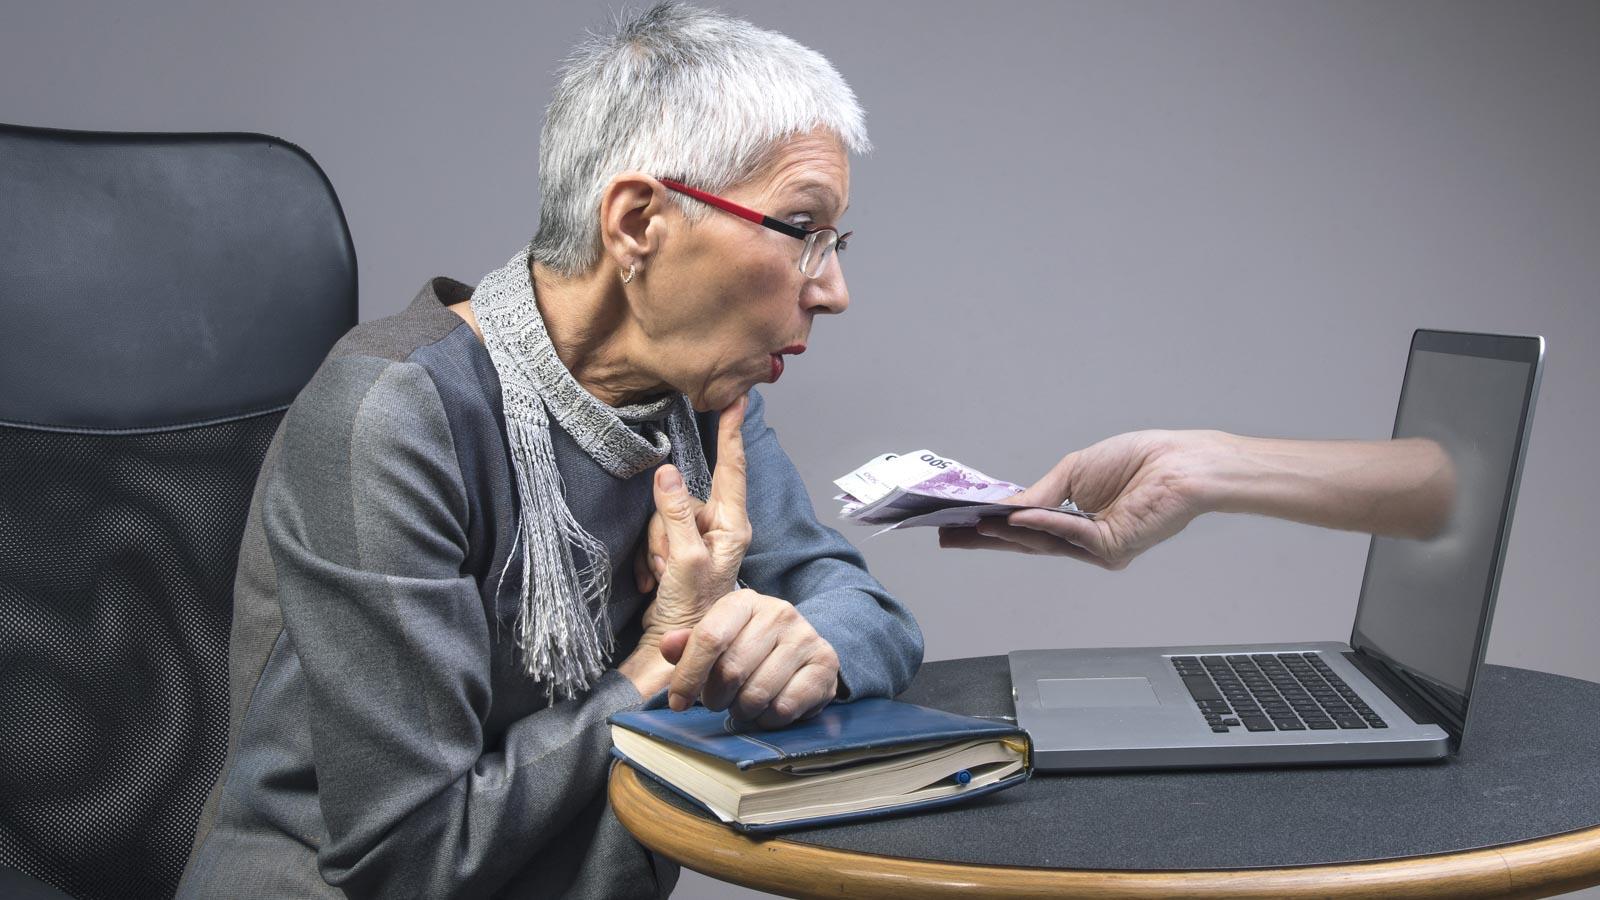 Ältere Frau vor einem Laptop, aus dem ein Arm mit einem Geldbündel herausragt.